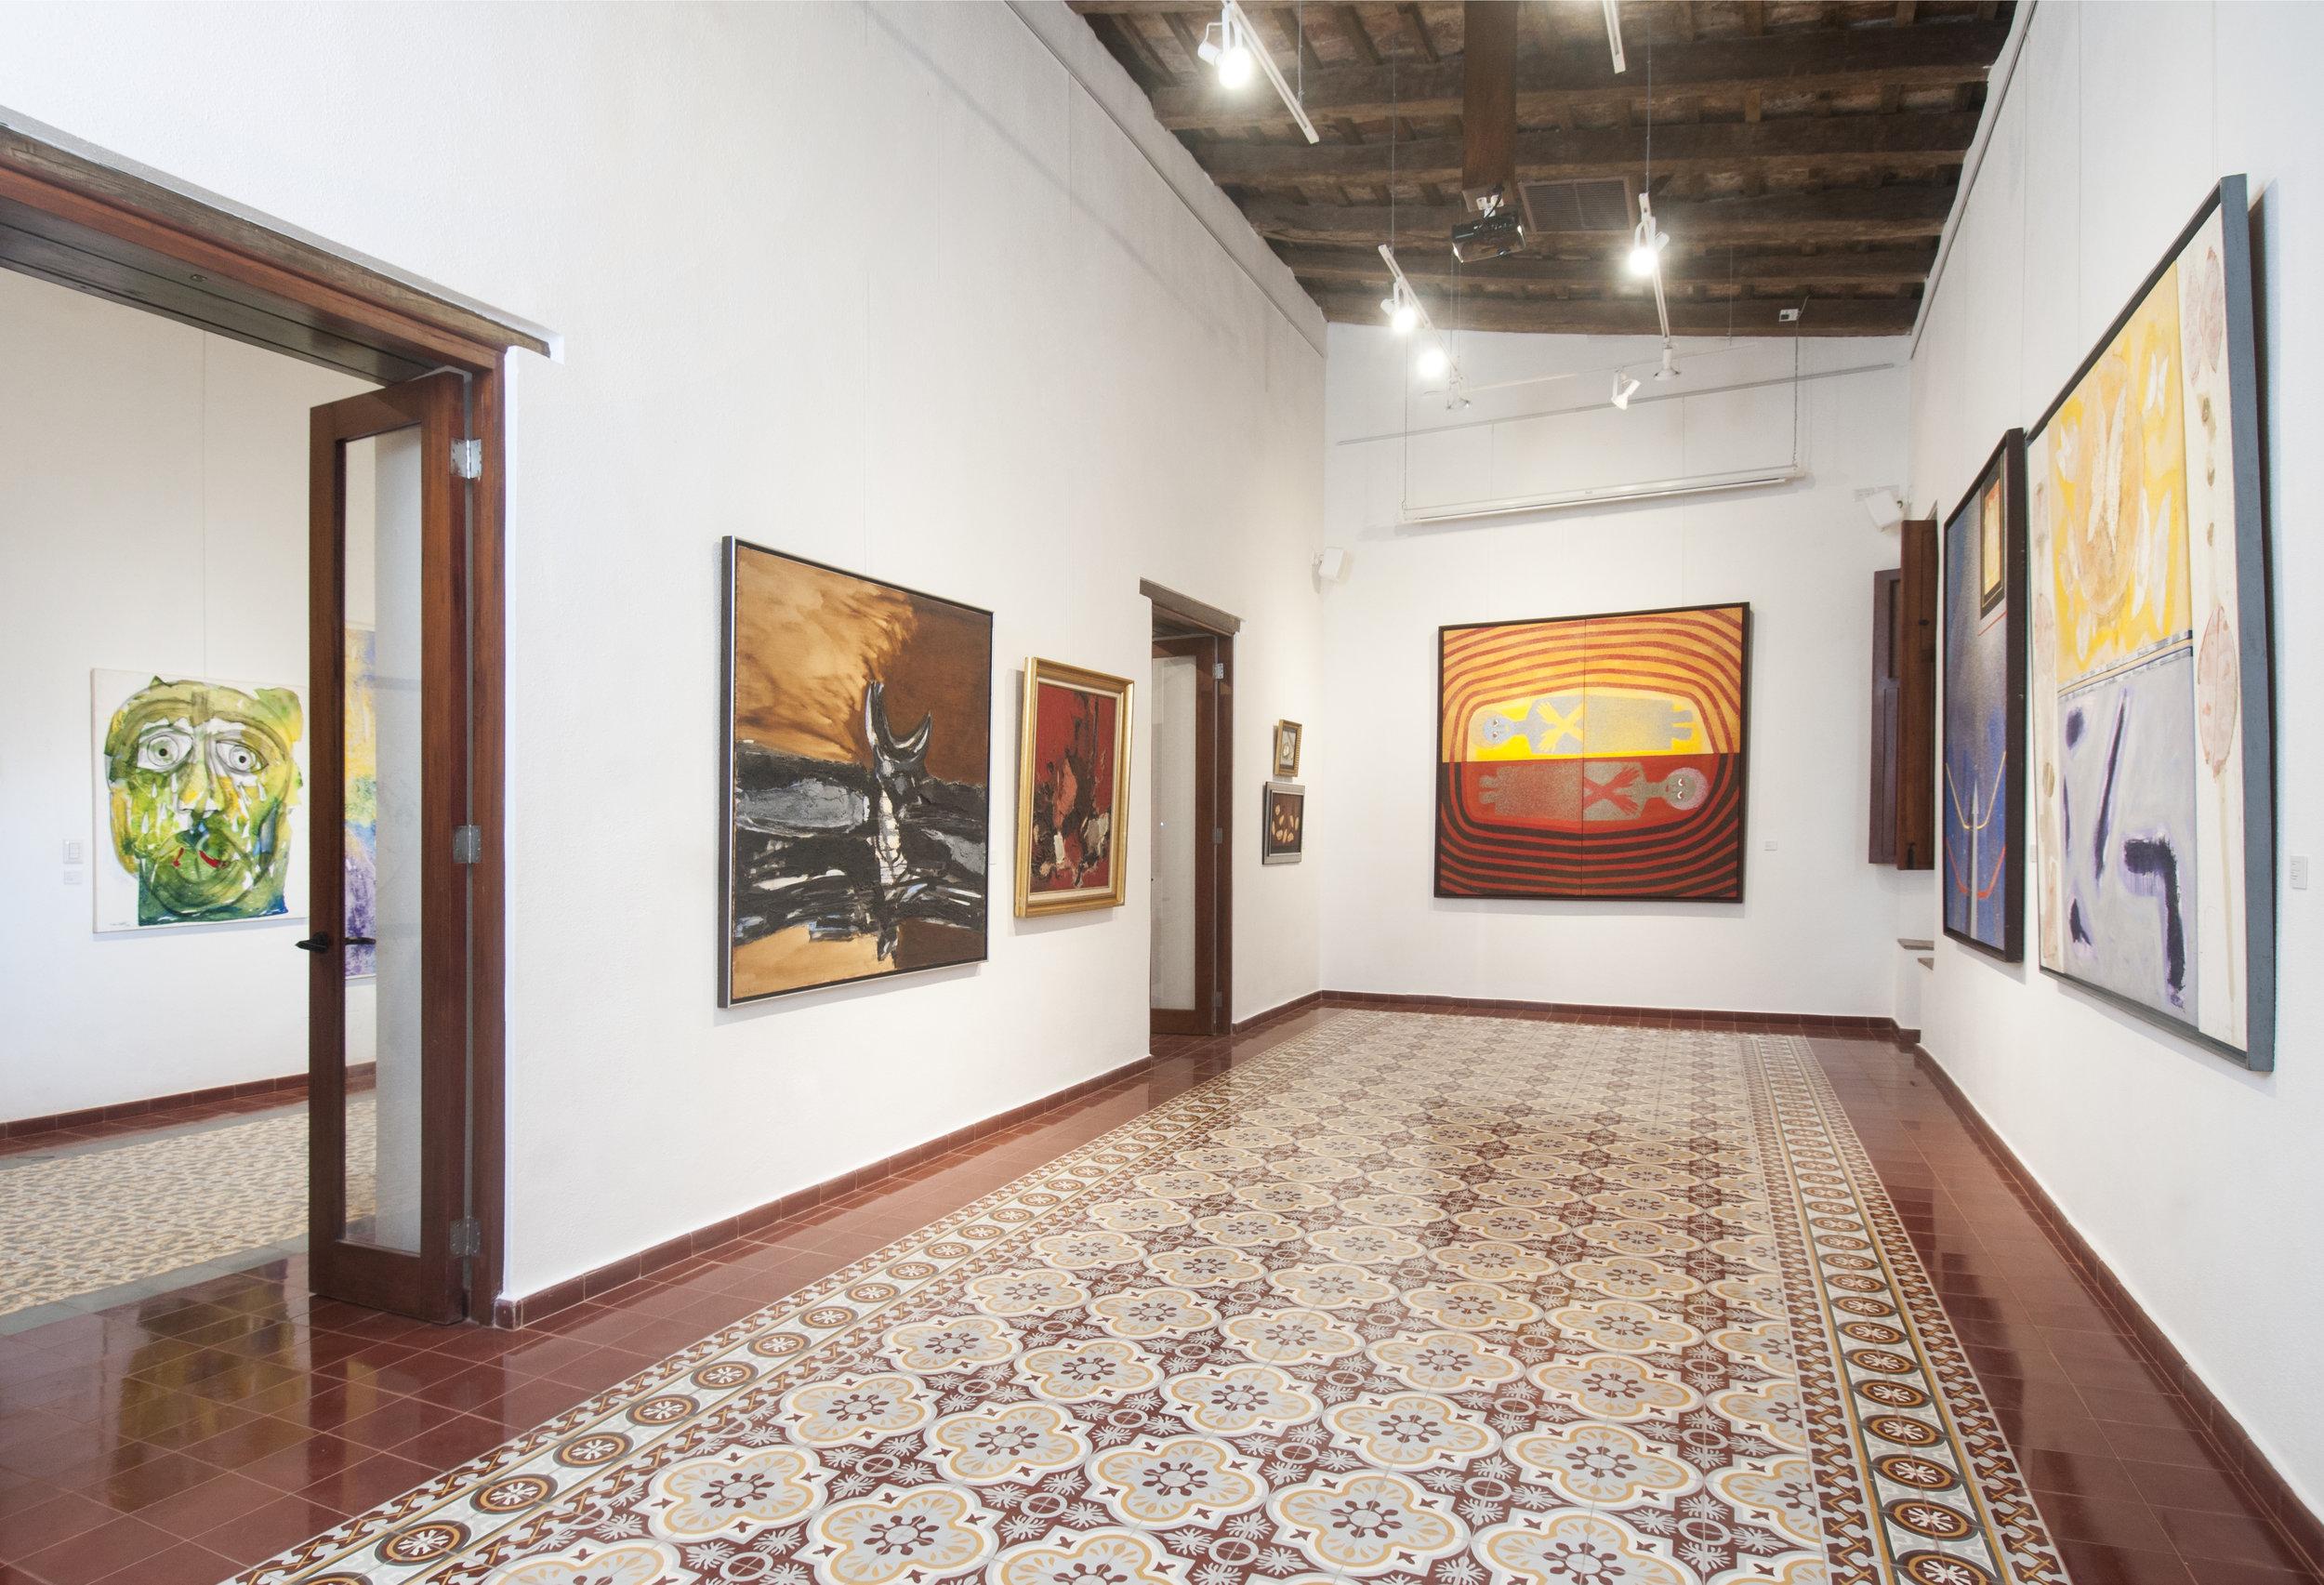 Sala 1 de exposición permanente